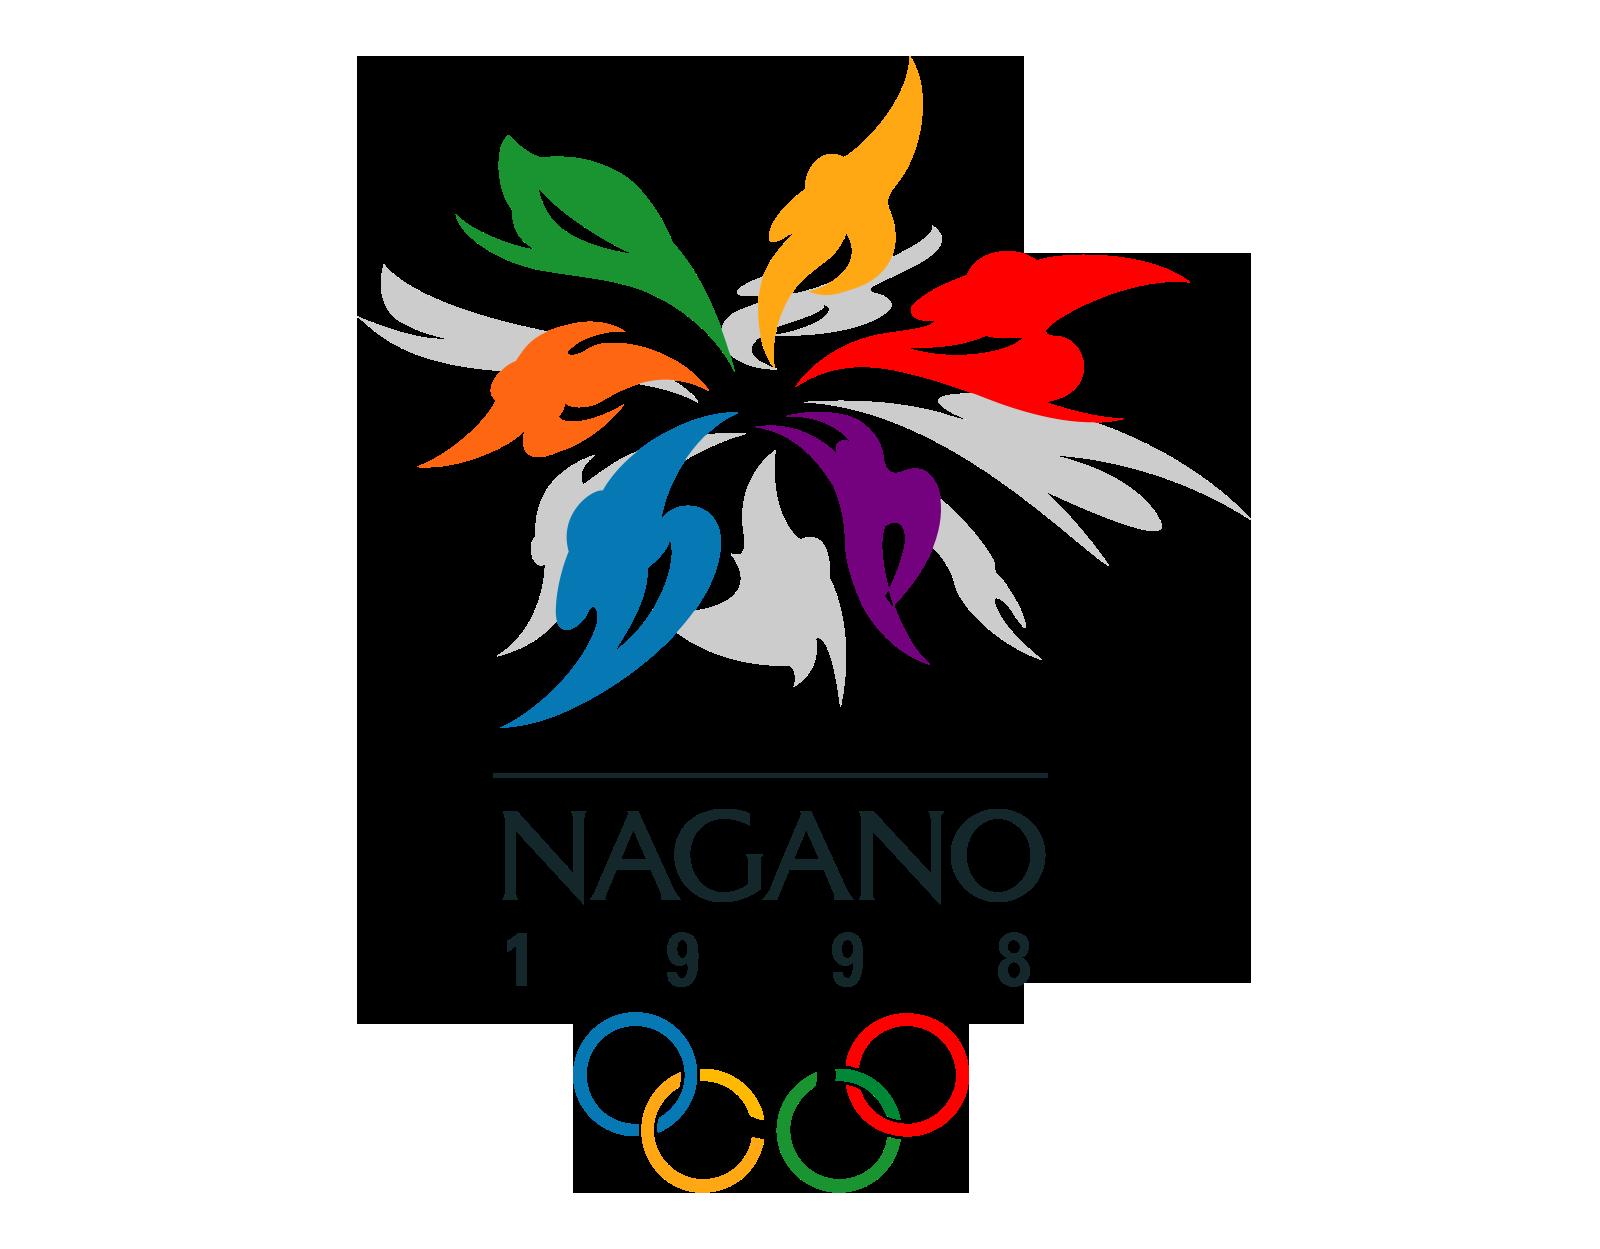 Nagano – Winter Olympics 1998